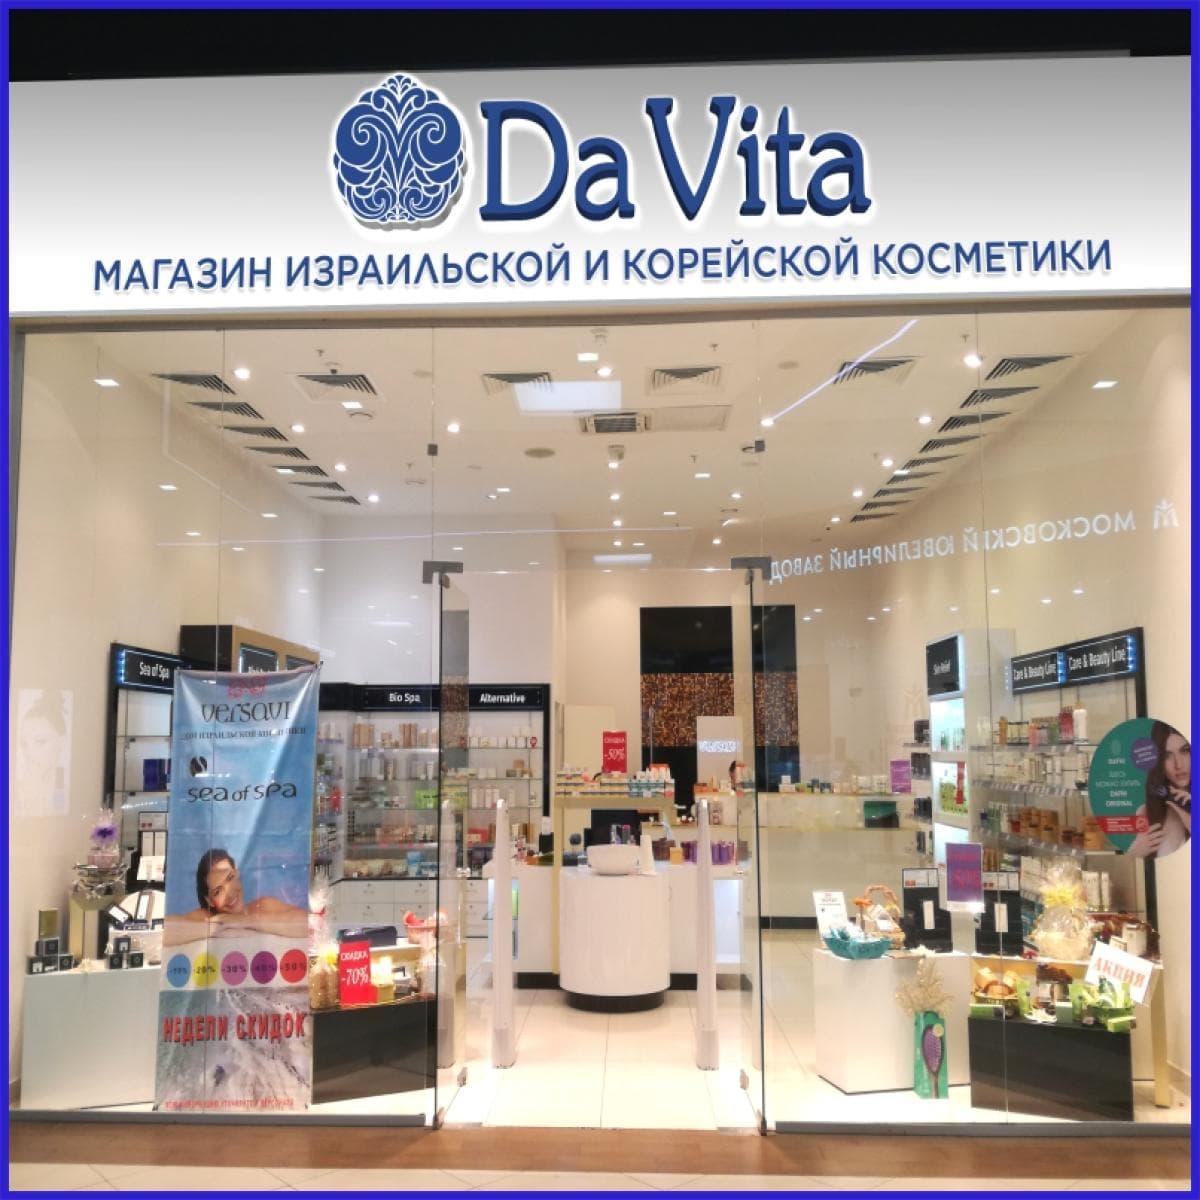 Розничные магазины в москве с корейской косметикой